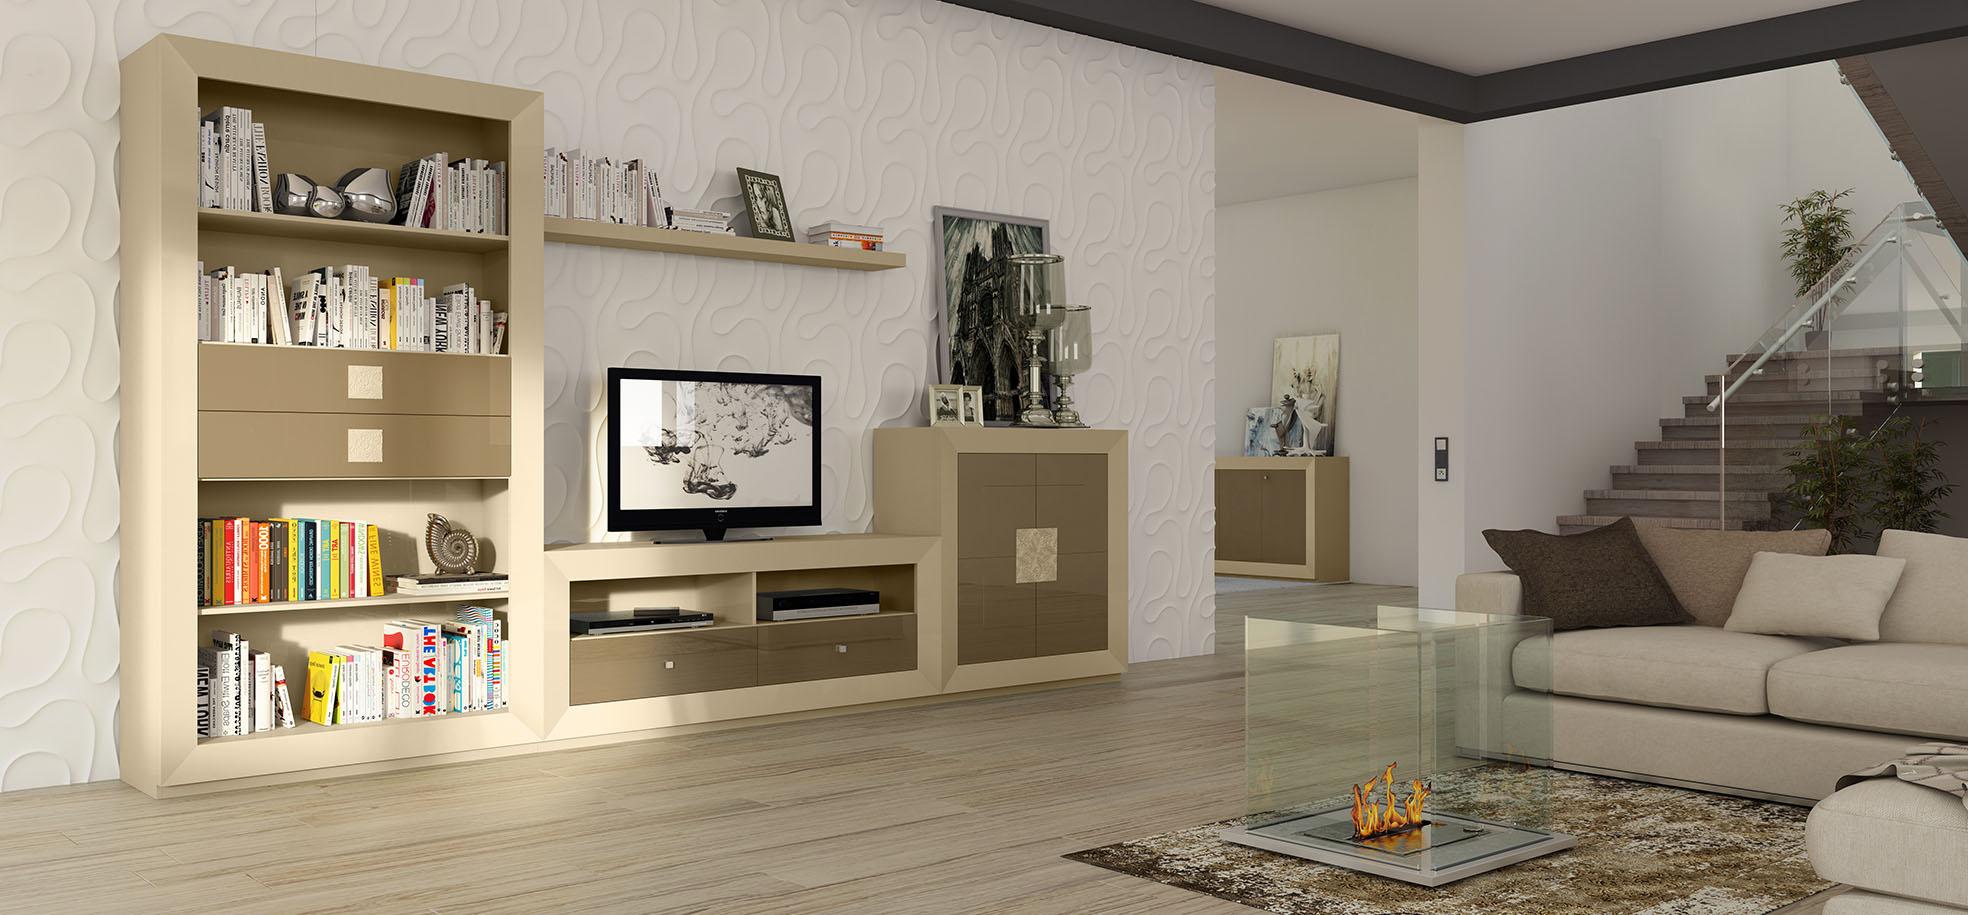 salon-contemporaneo-Basik-muebles-paco-caballero-1231-5c93923d49d3f